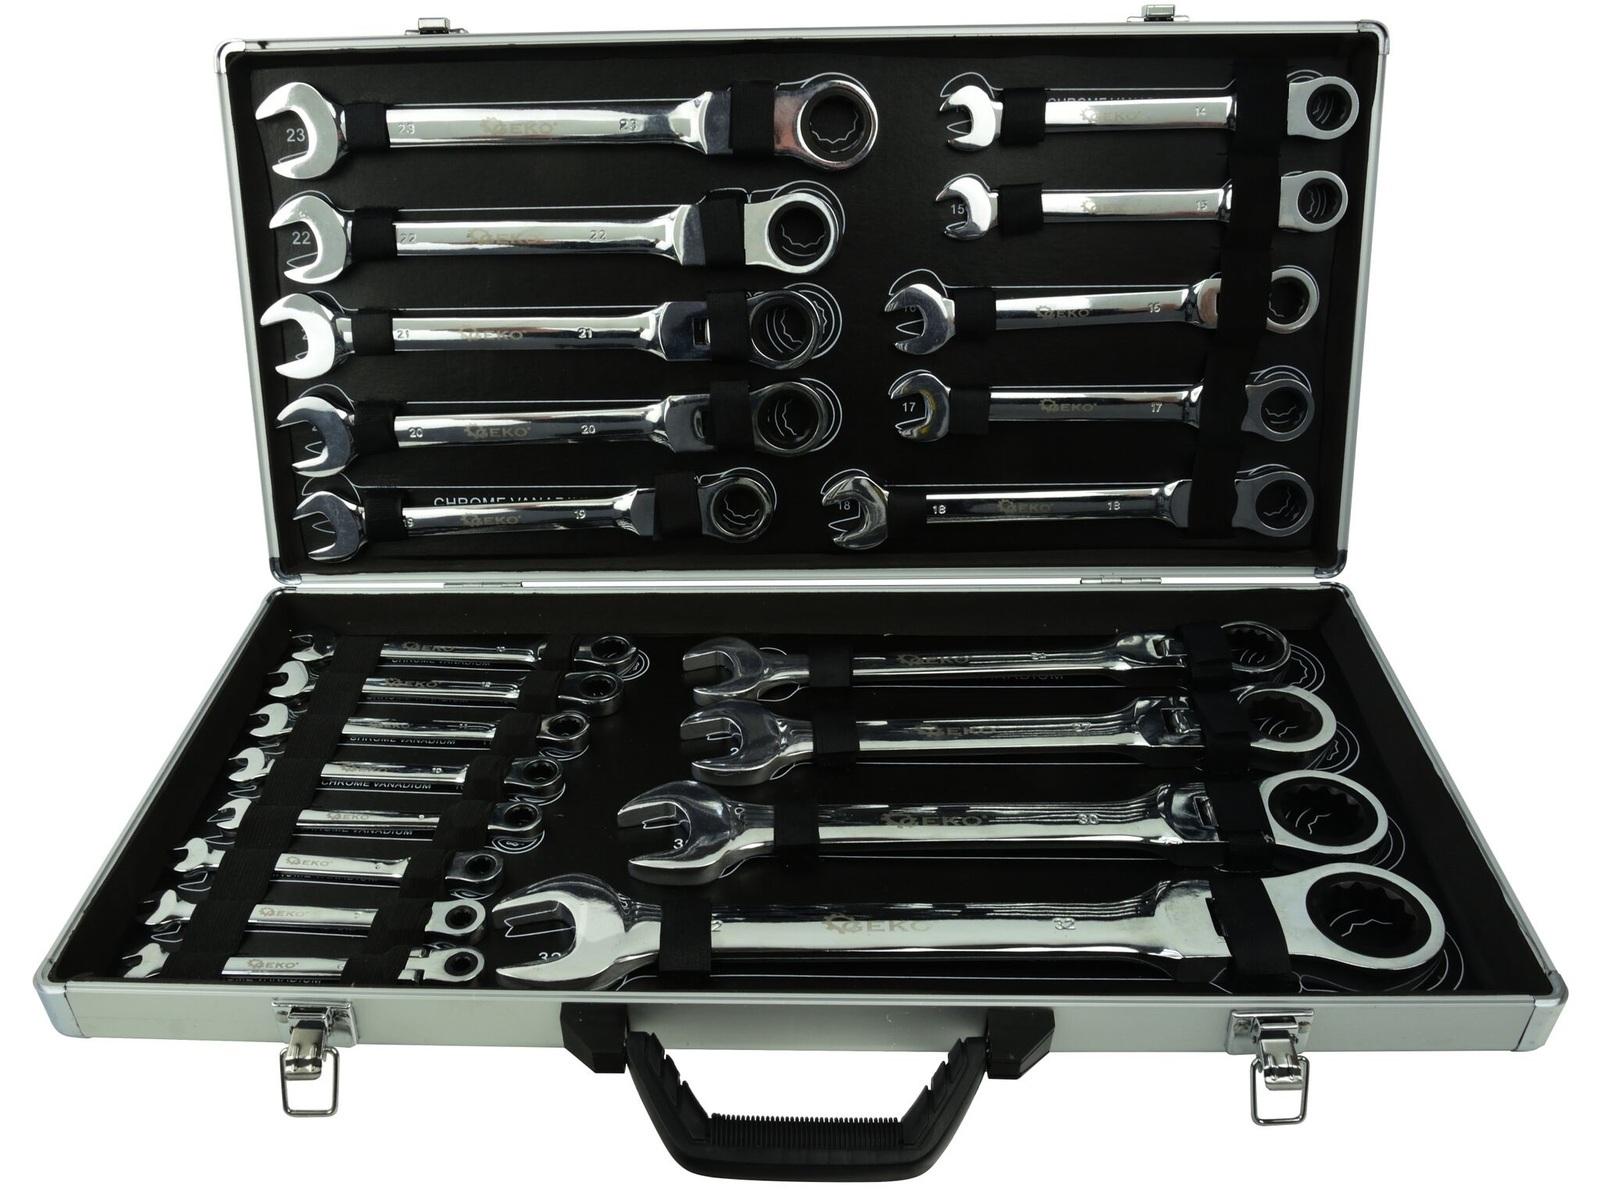 Očkoploché kloubové klíče s ráčnou, 6 - 32 mm, sada 22 kusů, v kufříku